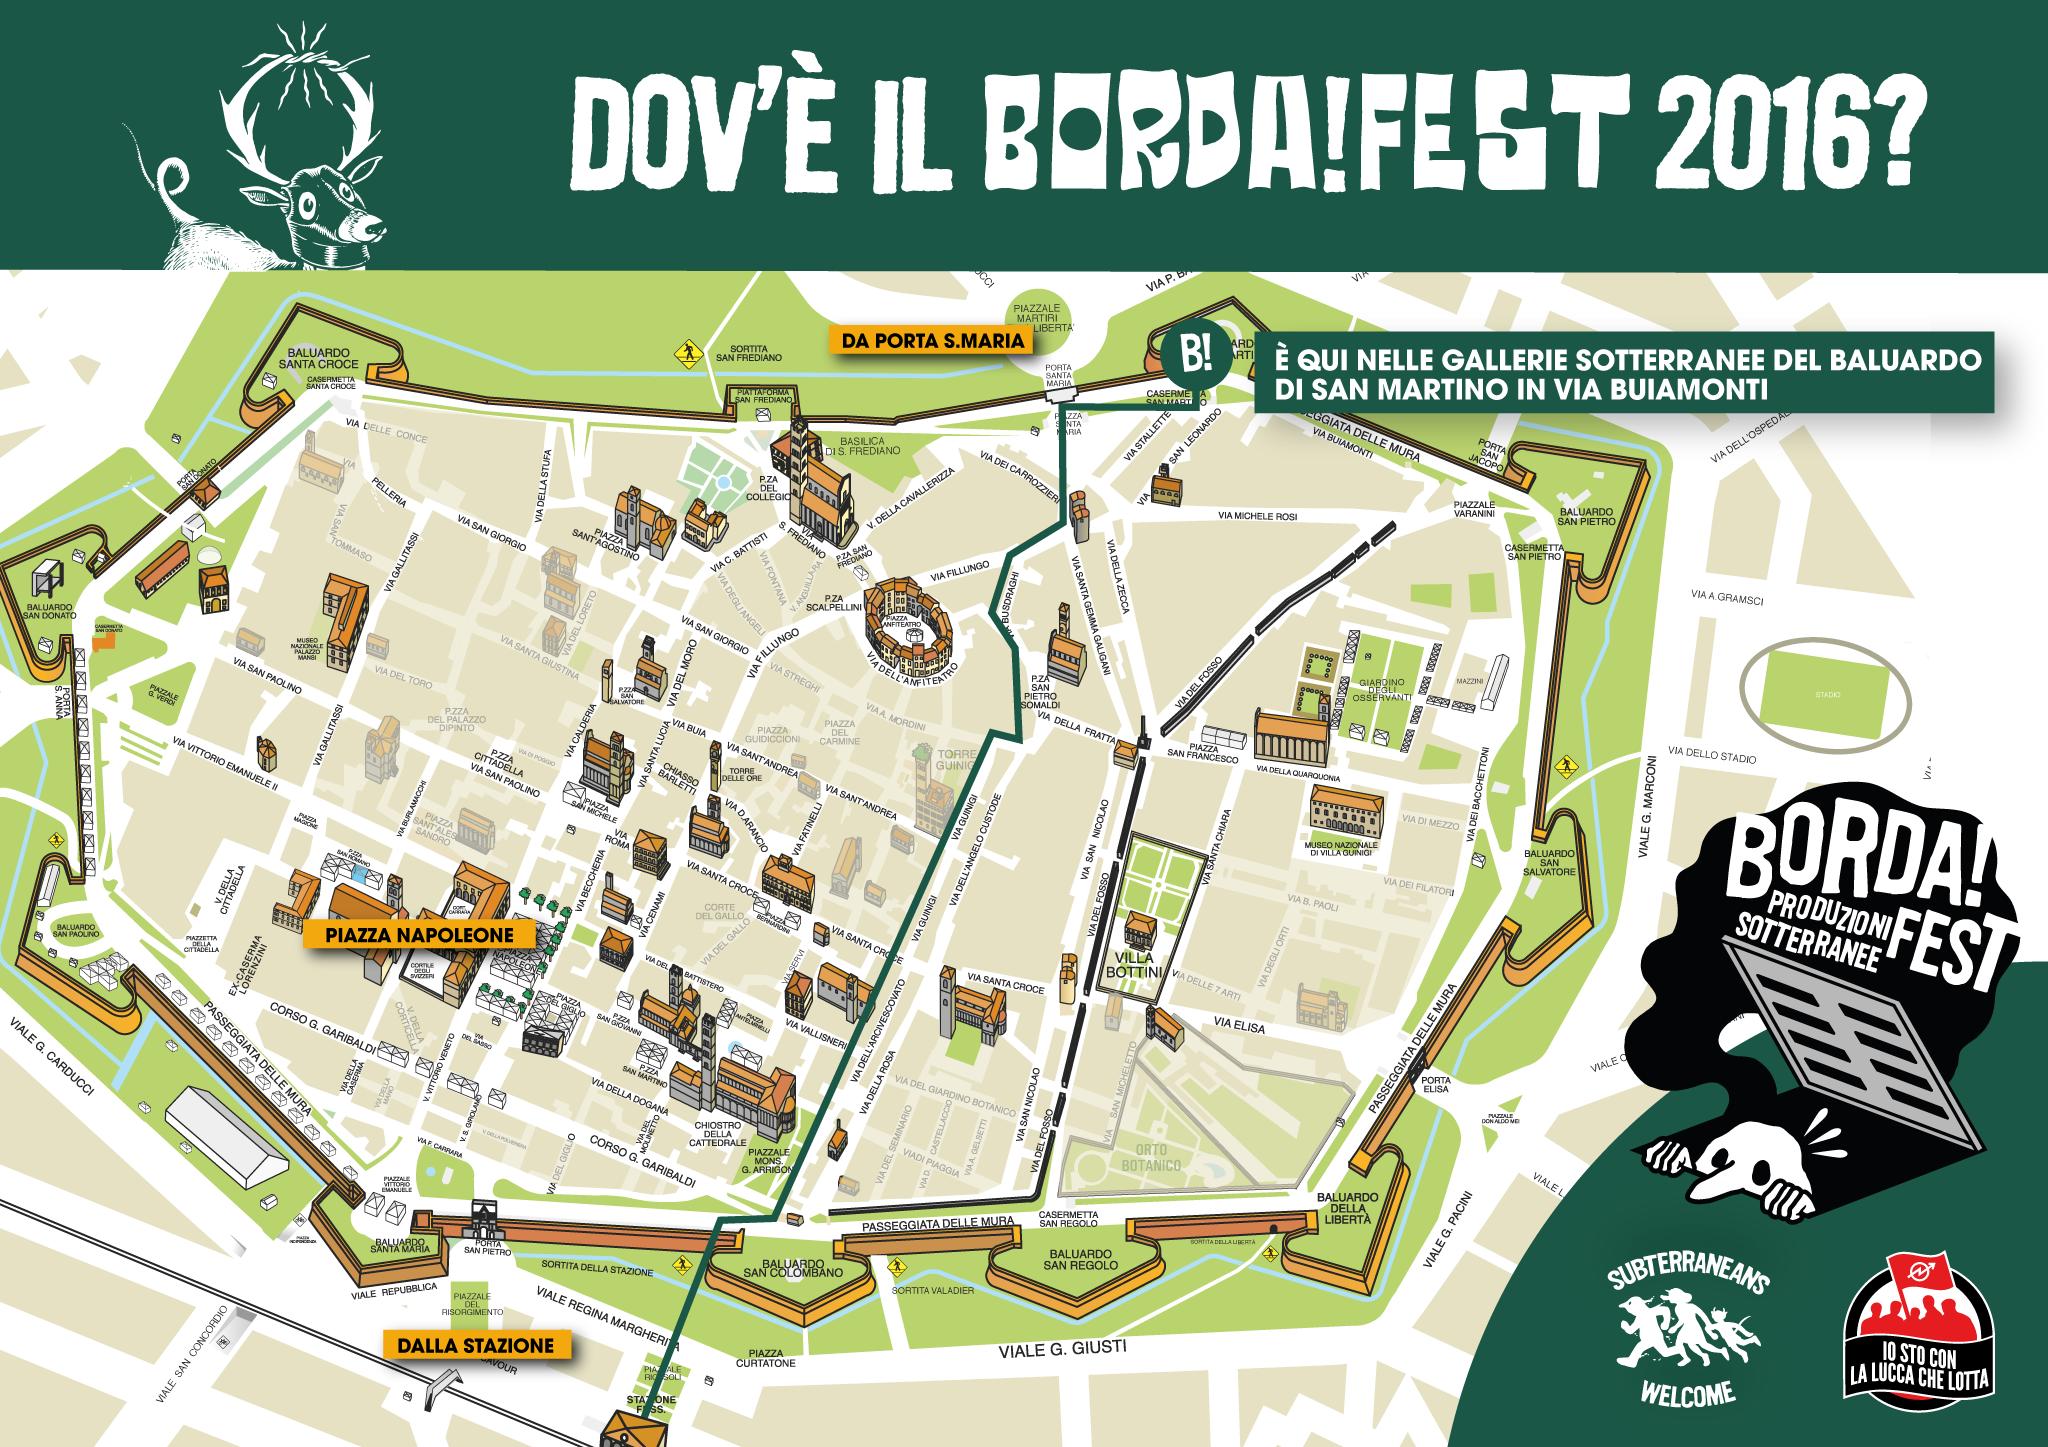 mappa-bordafest-2016-ufficiale